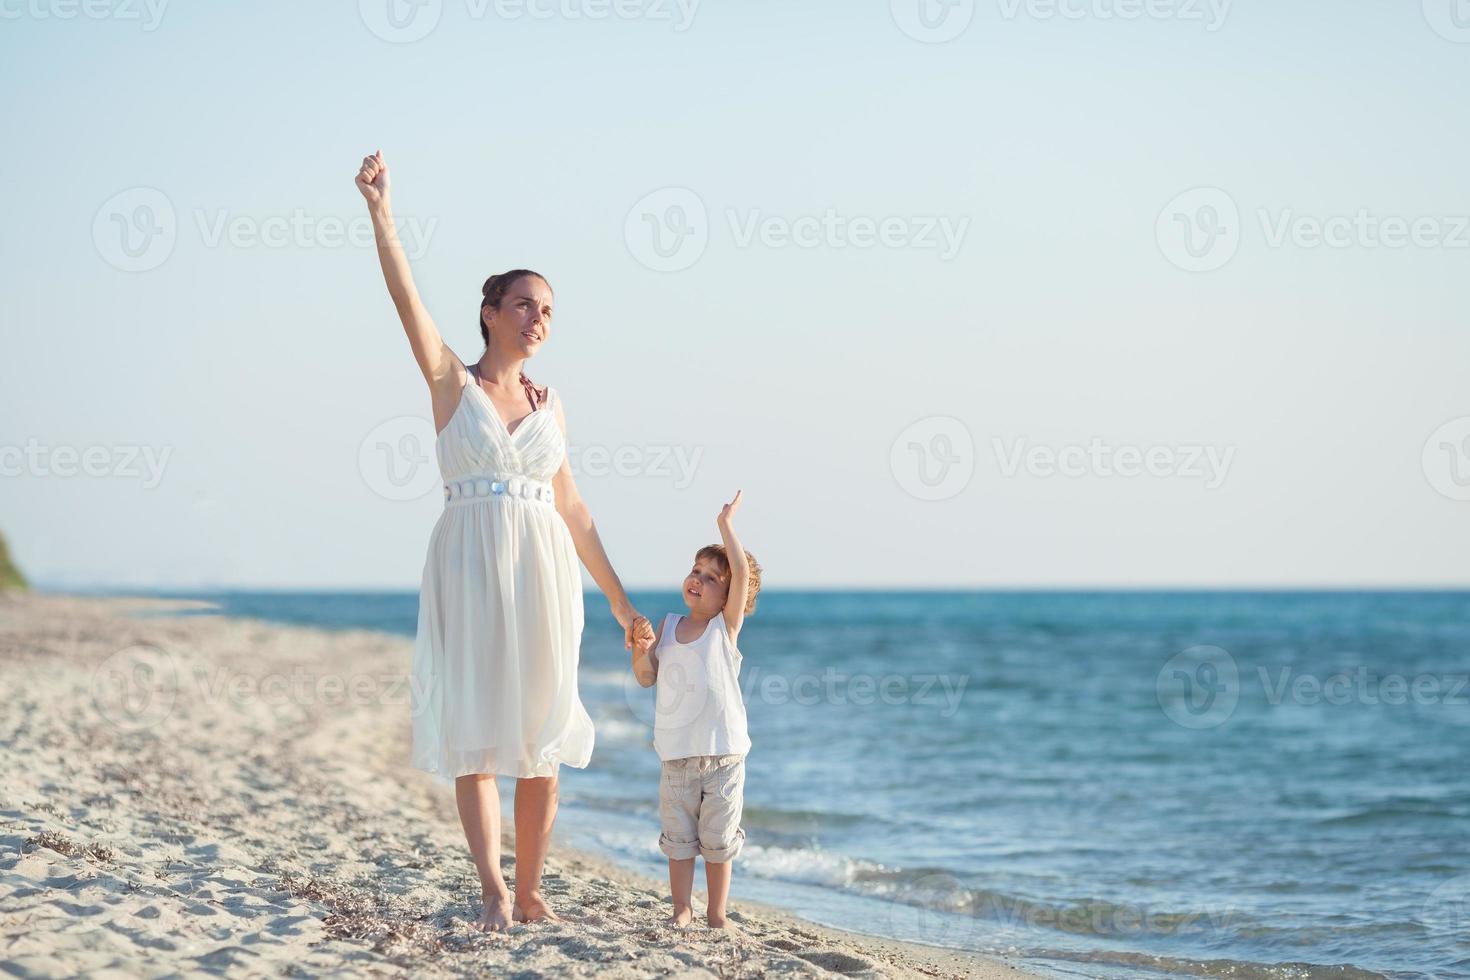 ciao dalla spiaggia! foto